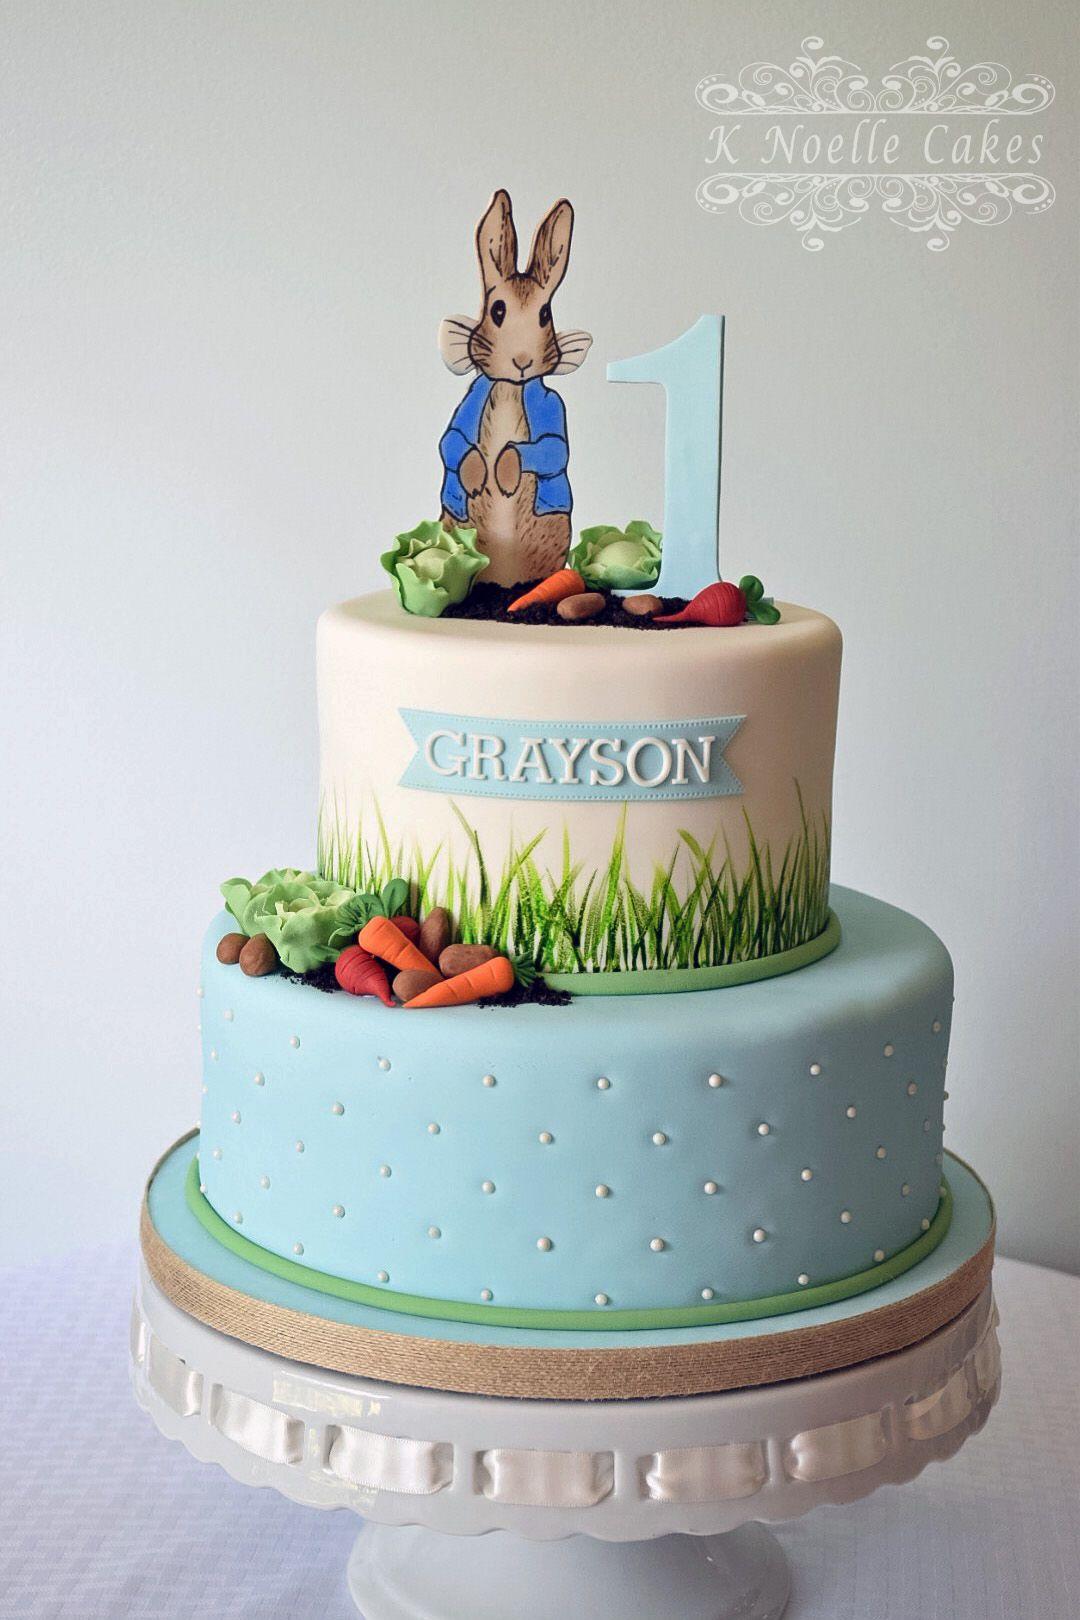 Peter Rabbit Themed 1st Birthday Cake By K Noelle Cakes Boys